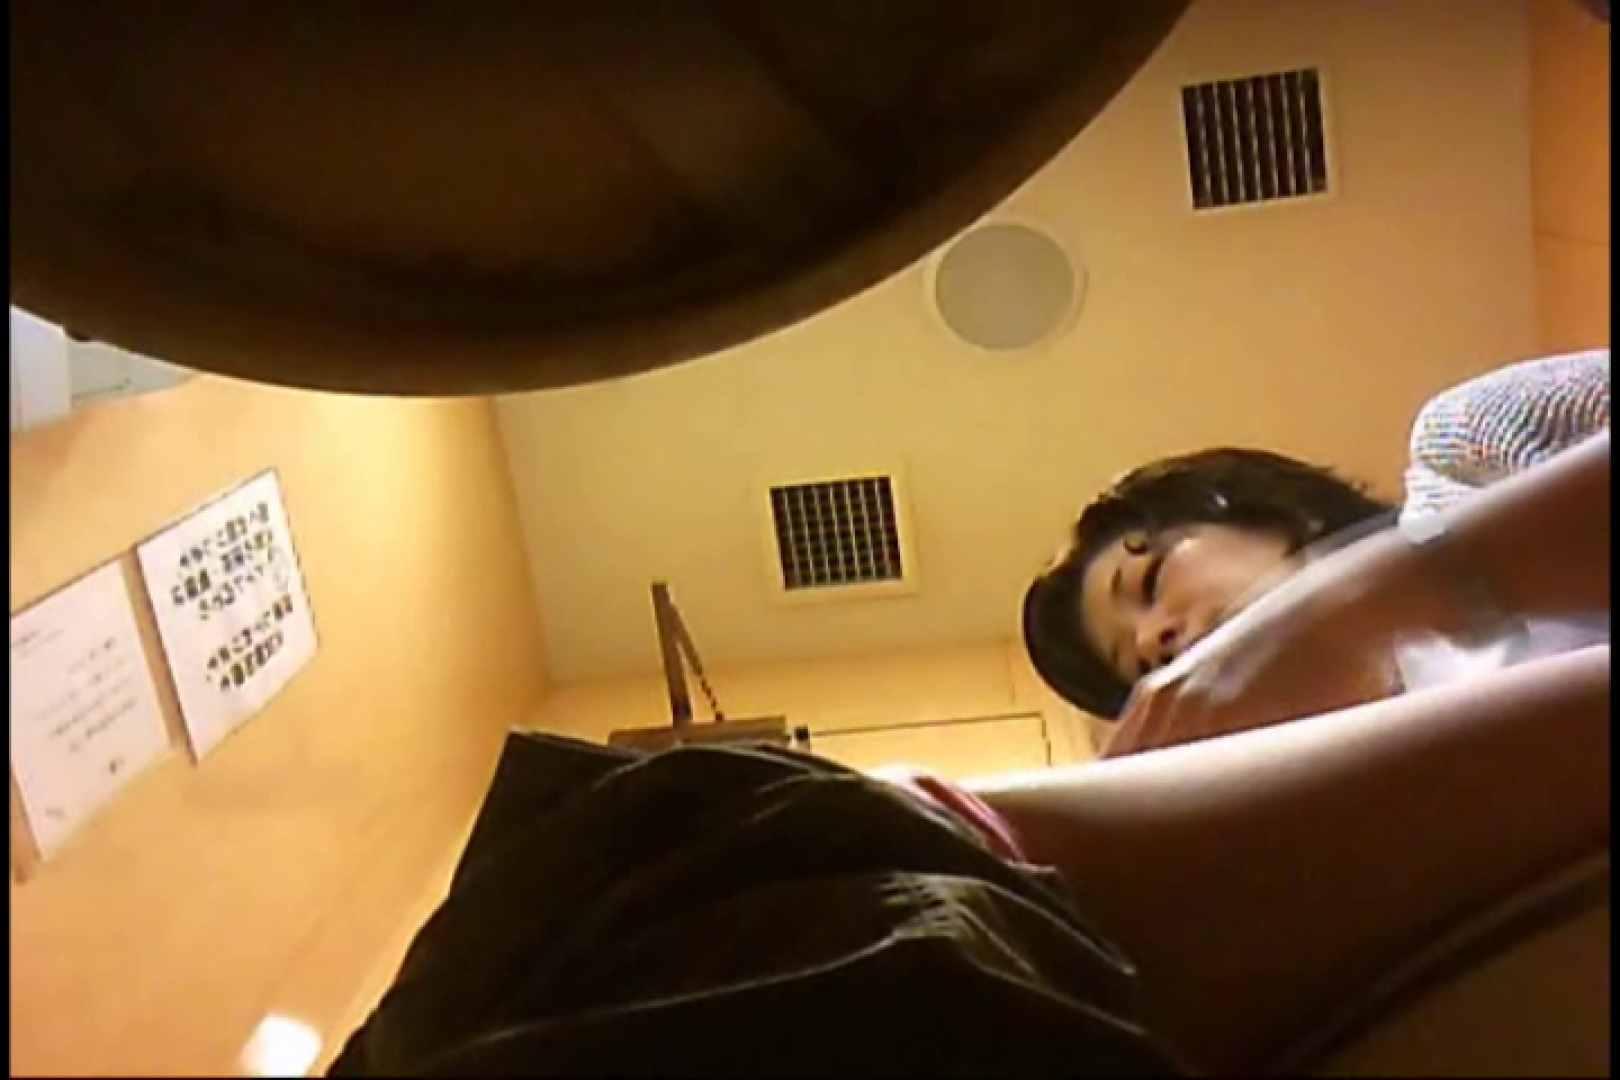 実録!魂の女子化粧室盗撮!!~隠れ潜む特殊カメラ~vo,55 超エロお姉さん | 盗撮  66枚 55